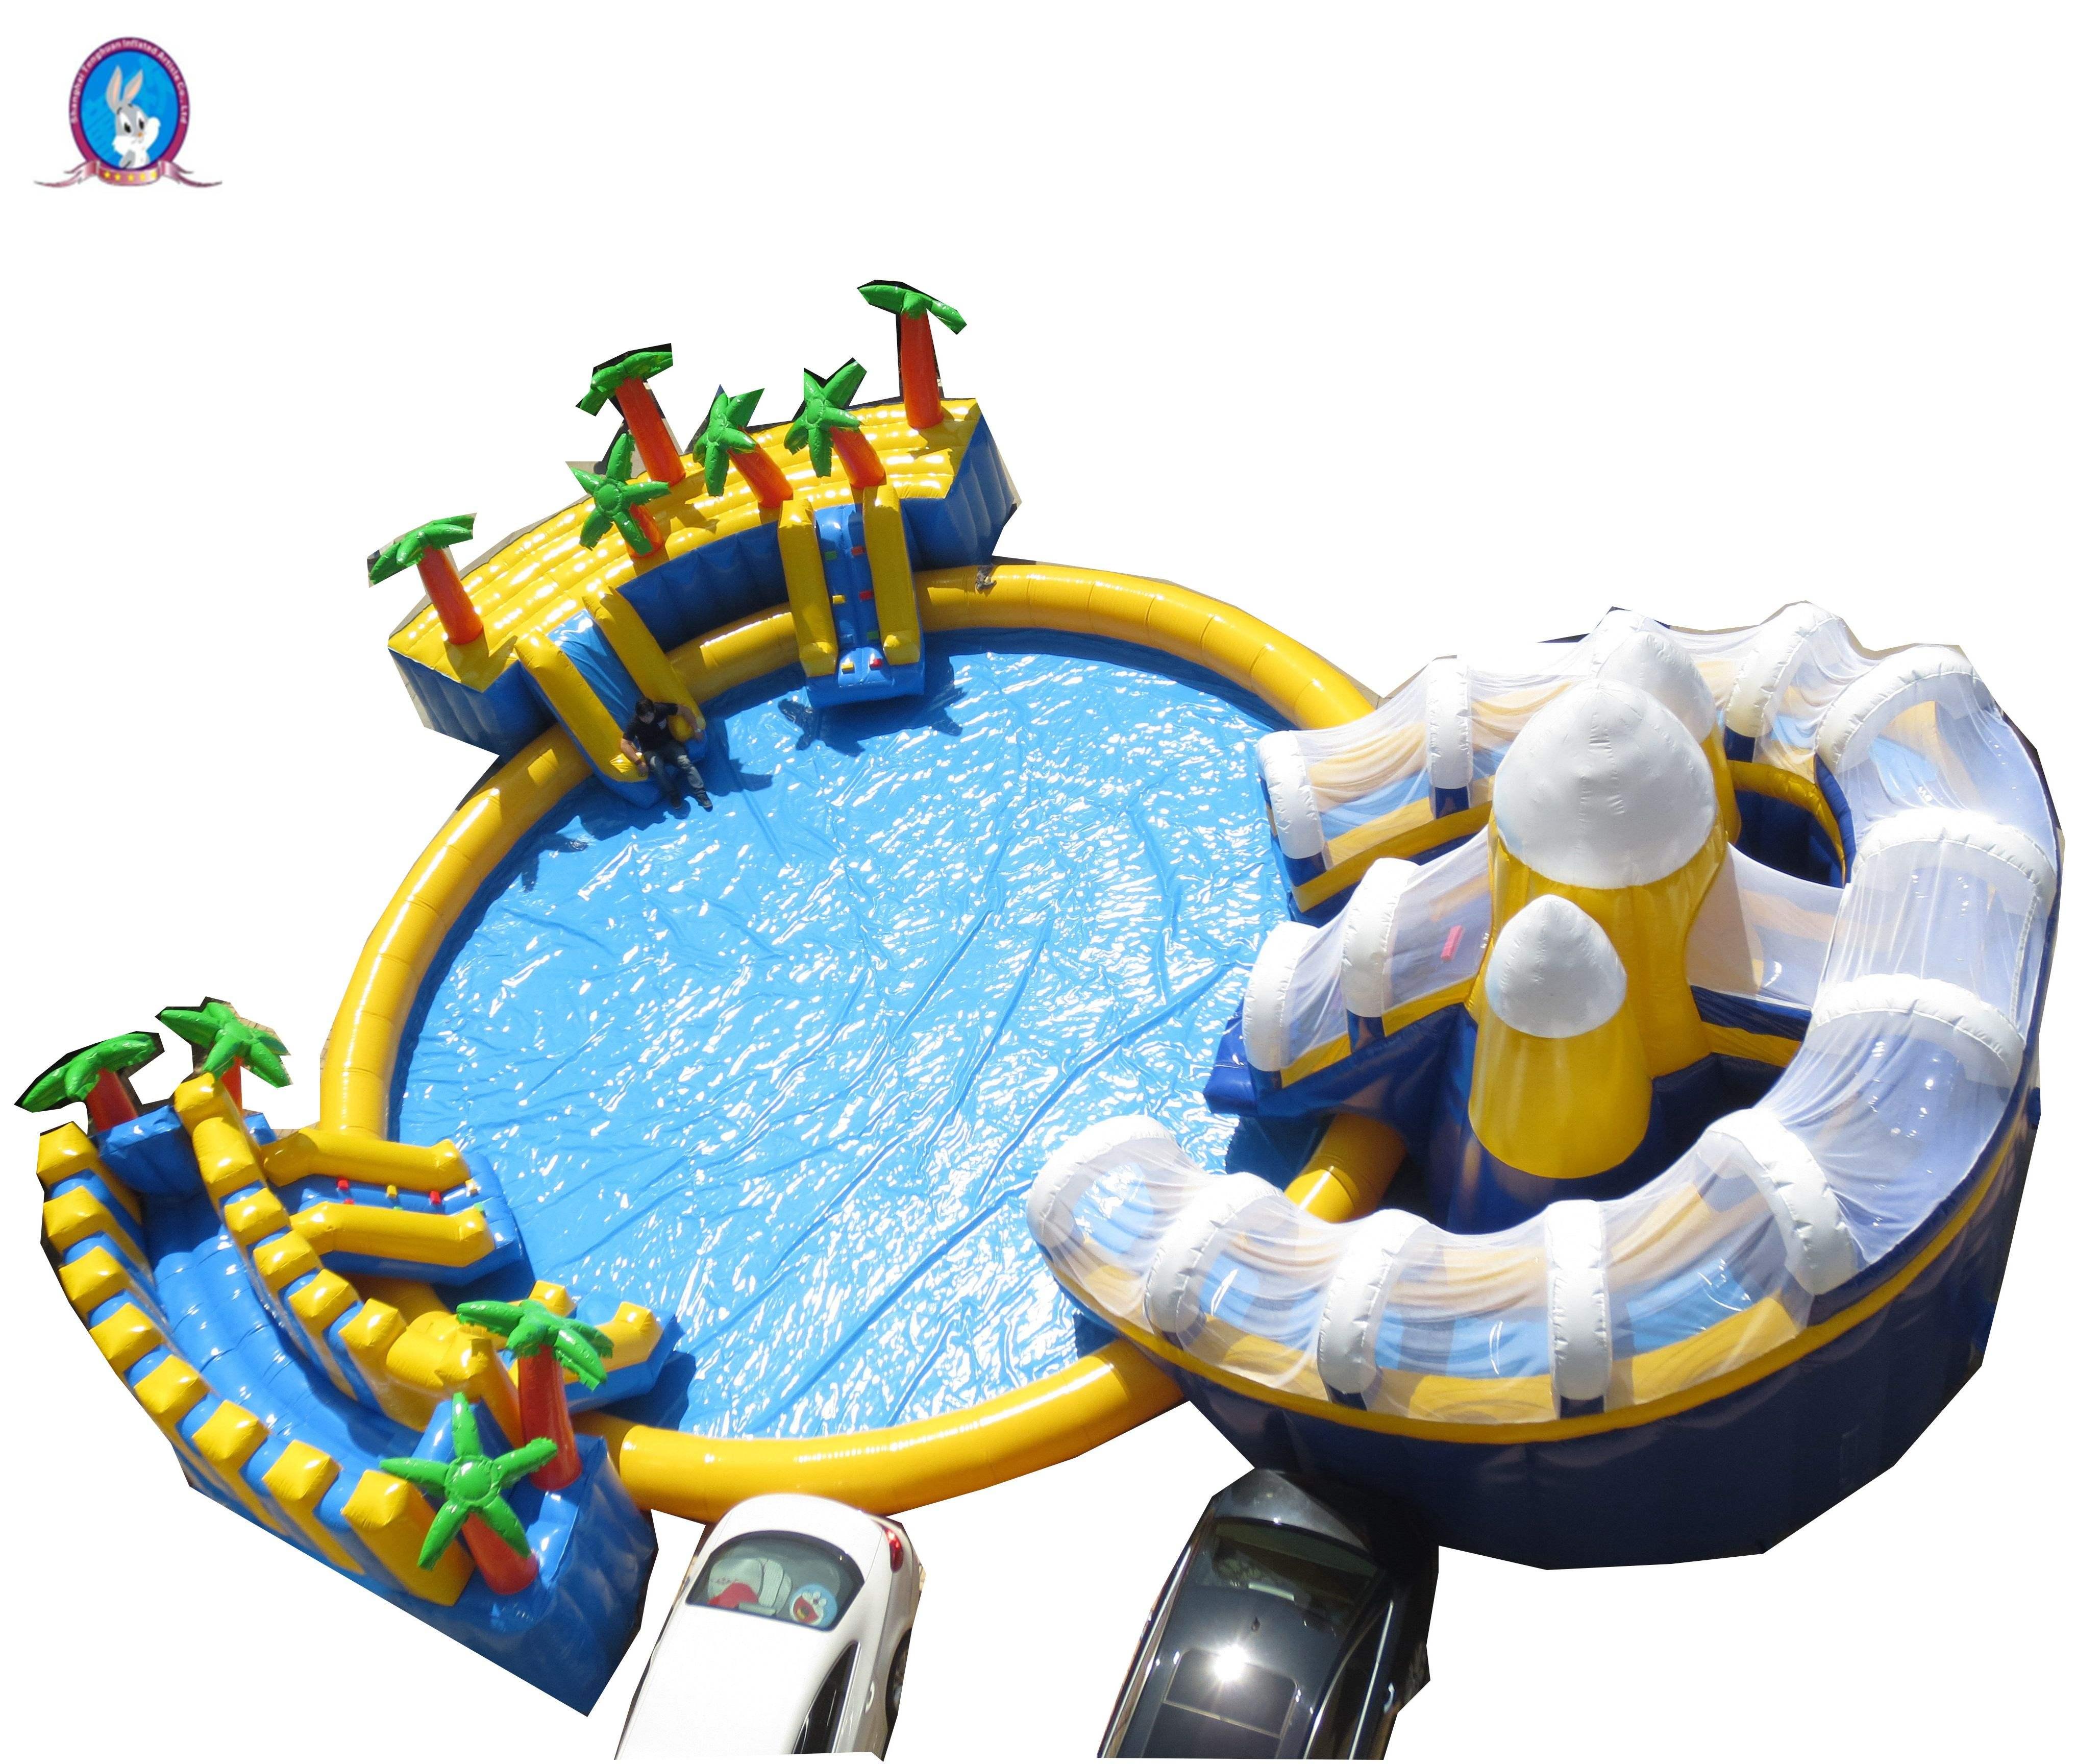 Inflable parque acuático flotante/venta caliente parques acuáticos para niños y adultos